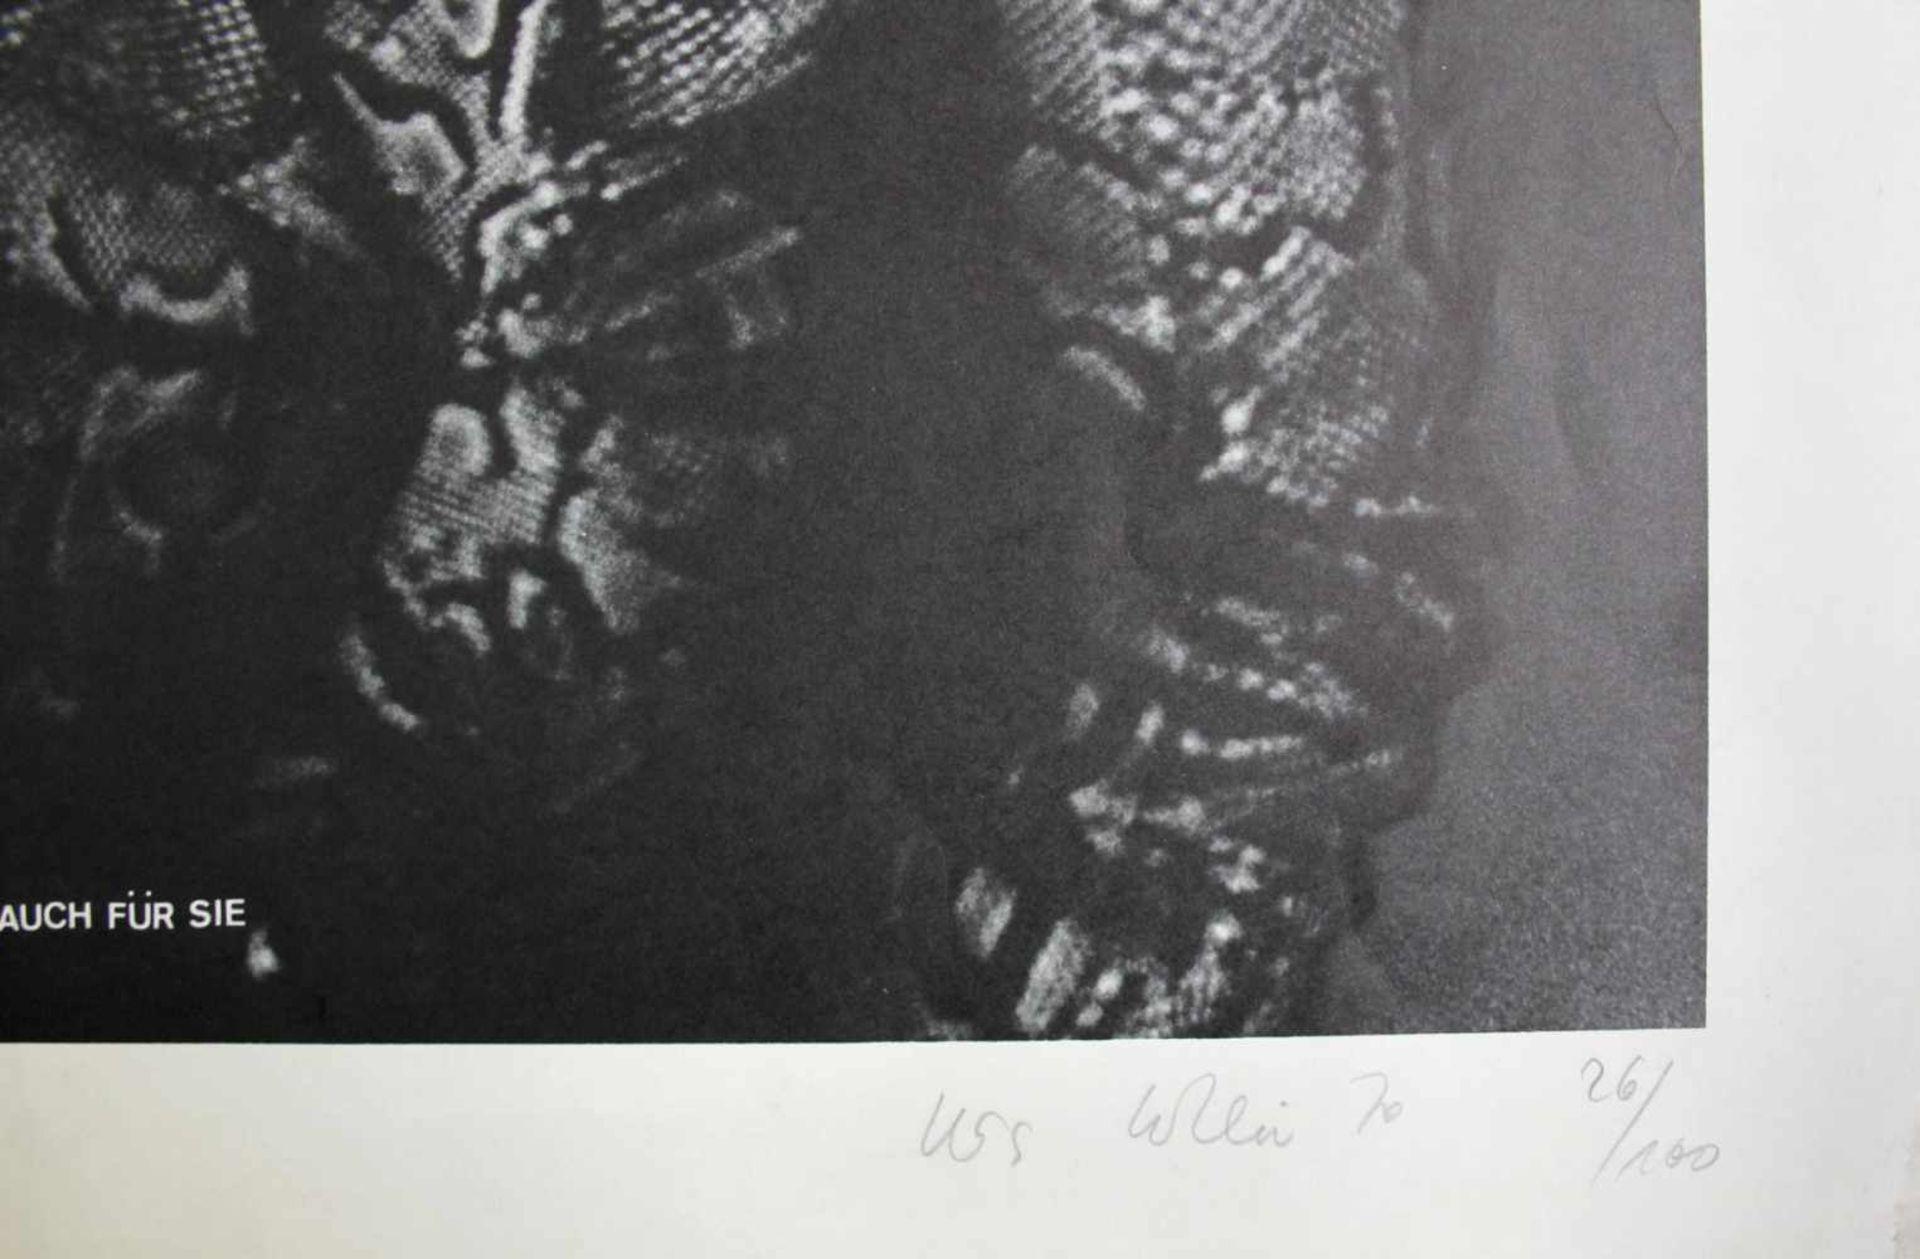 Urs Lüthi geb. 1947 Lüthi weint auch für Sie 1974 Offsetlithographie handsigniert, datiert und - Bild 2 aus 2